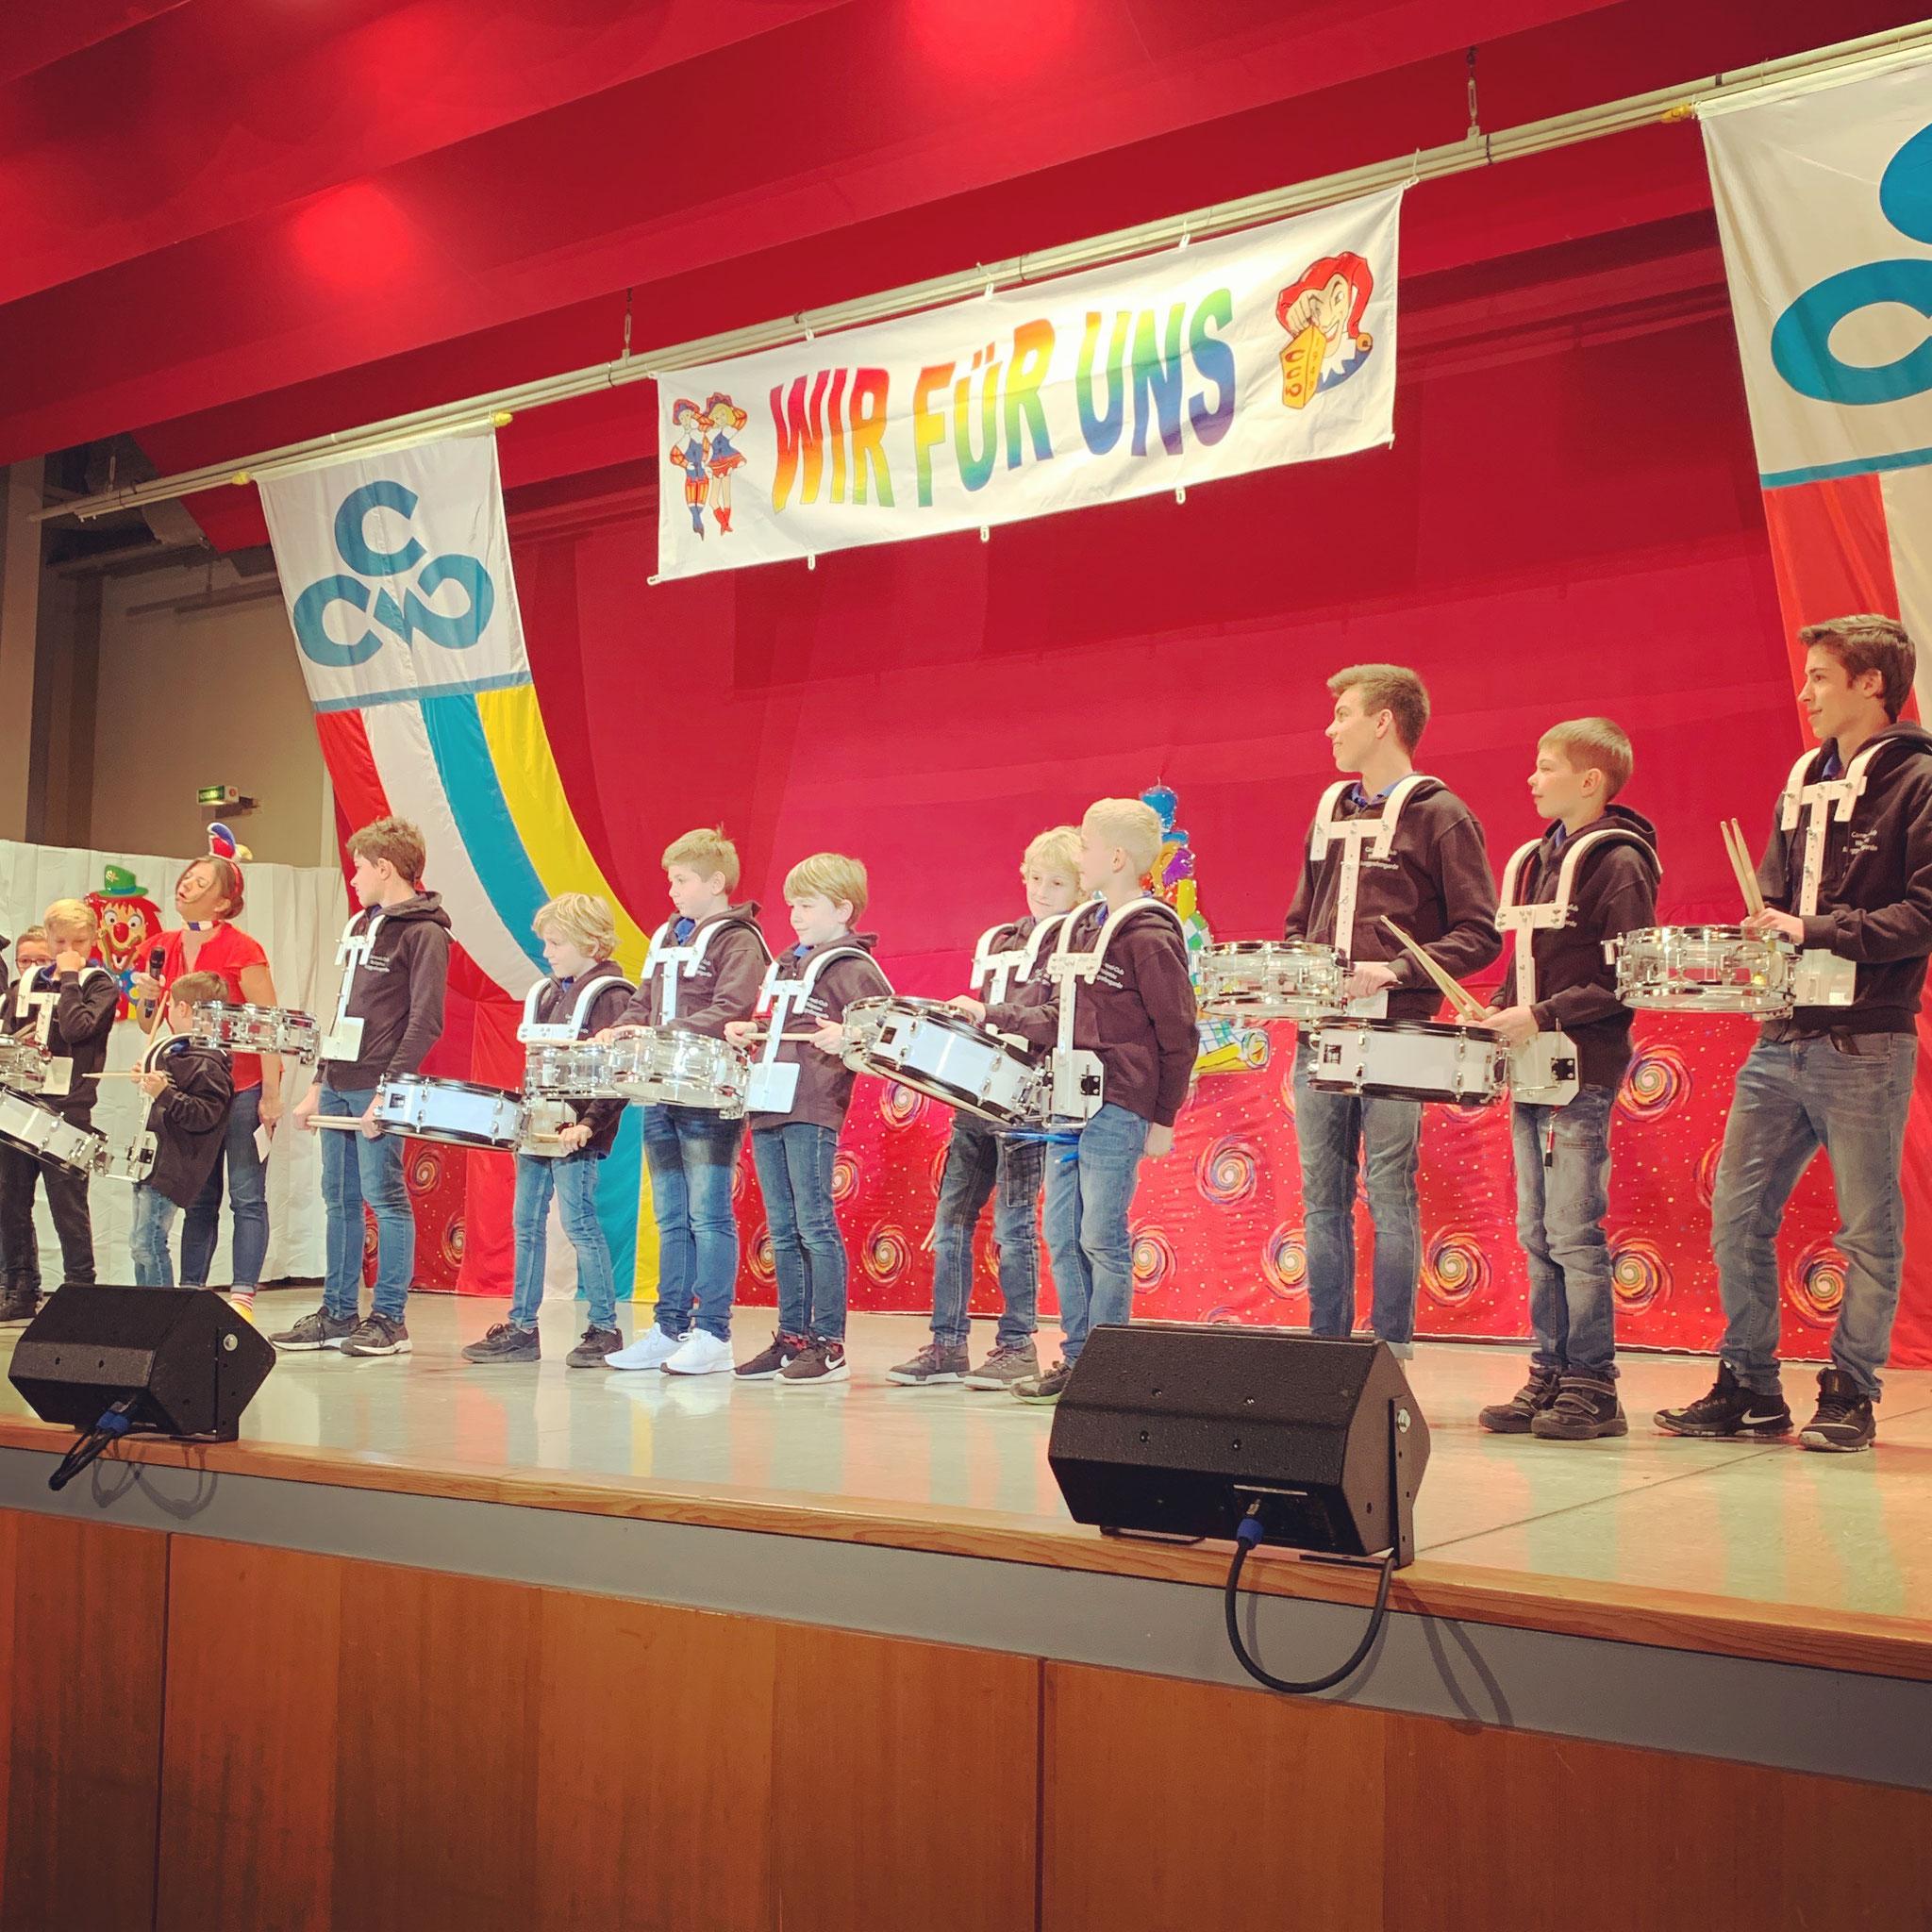 Perfekter Sitzungsstart mit unseren Trommlern, unter der Leitung von Bardo Koch und Sandro Pittalis